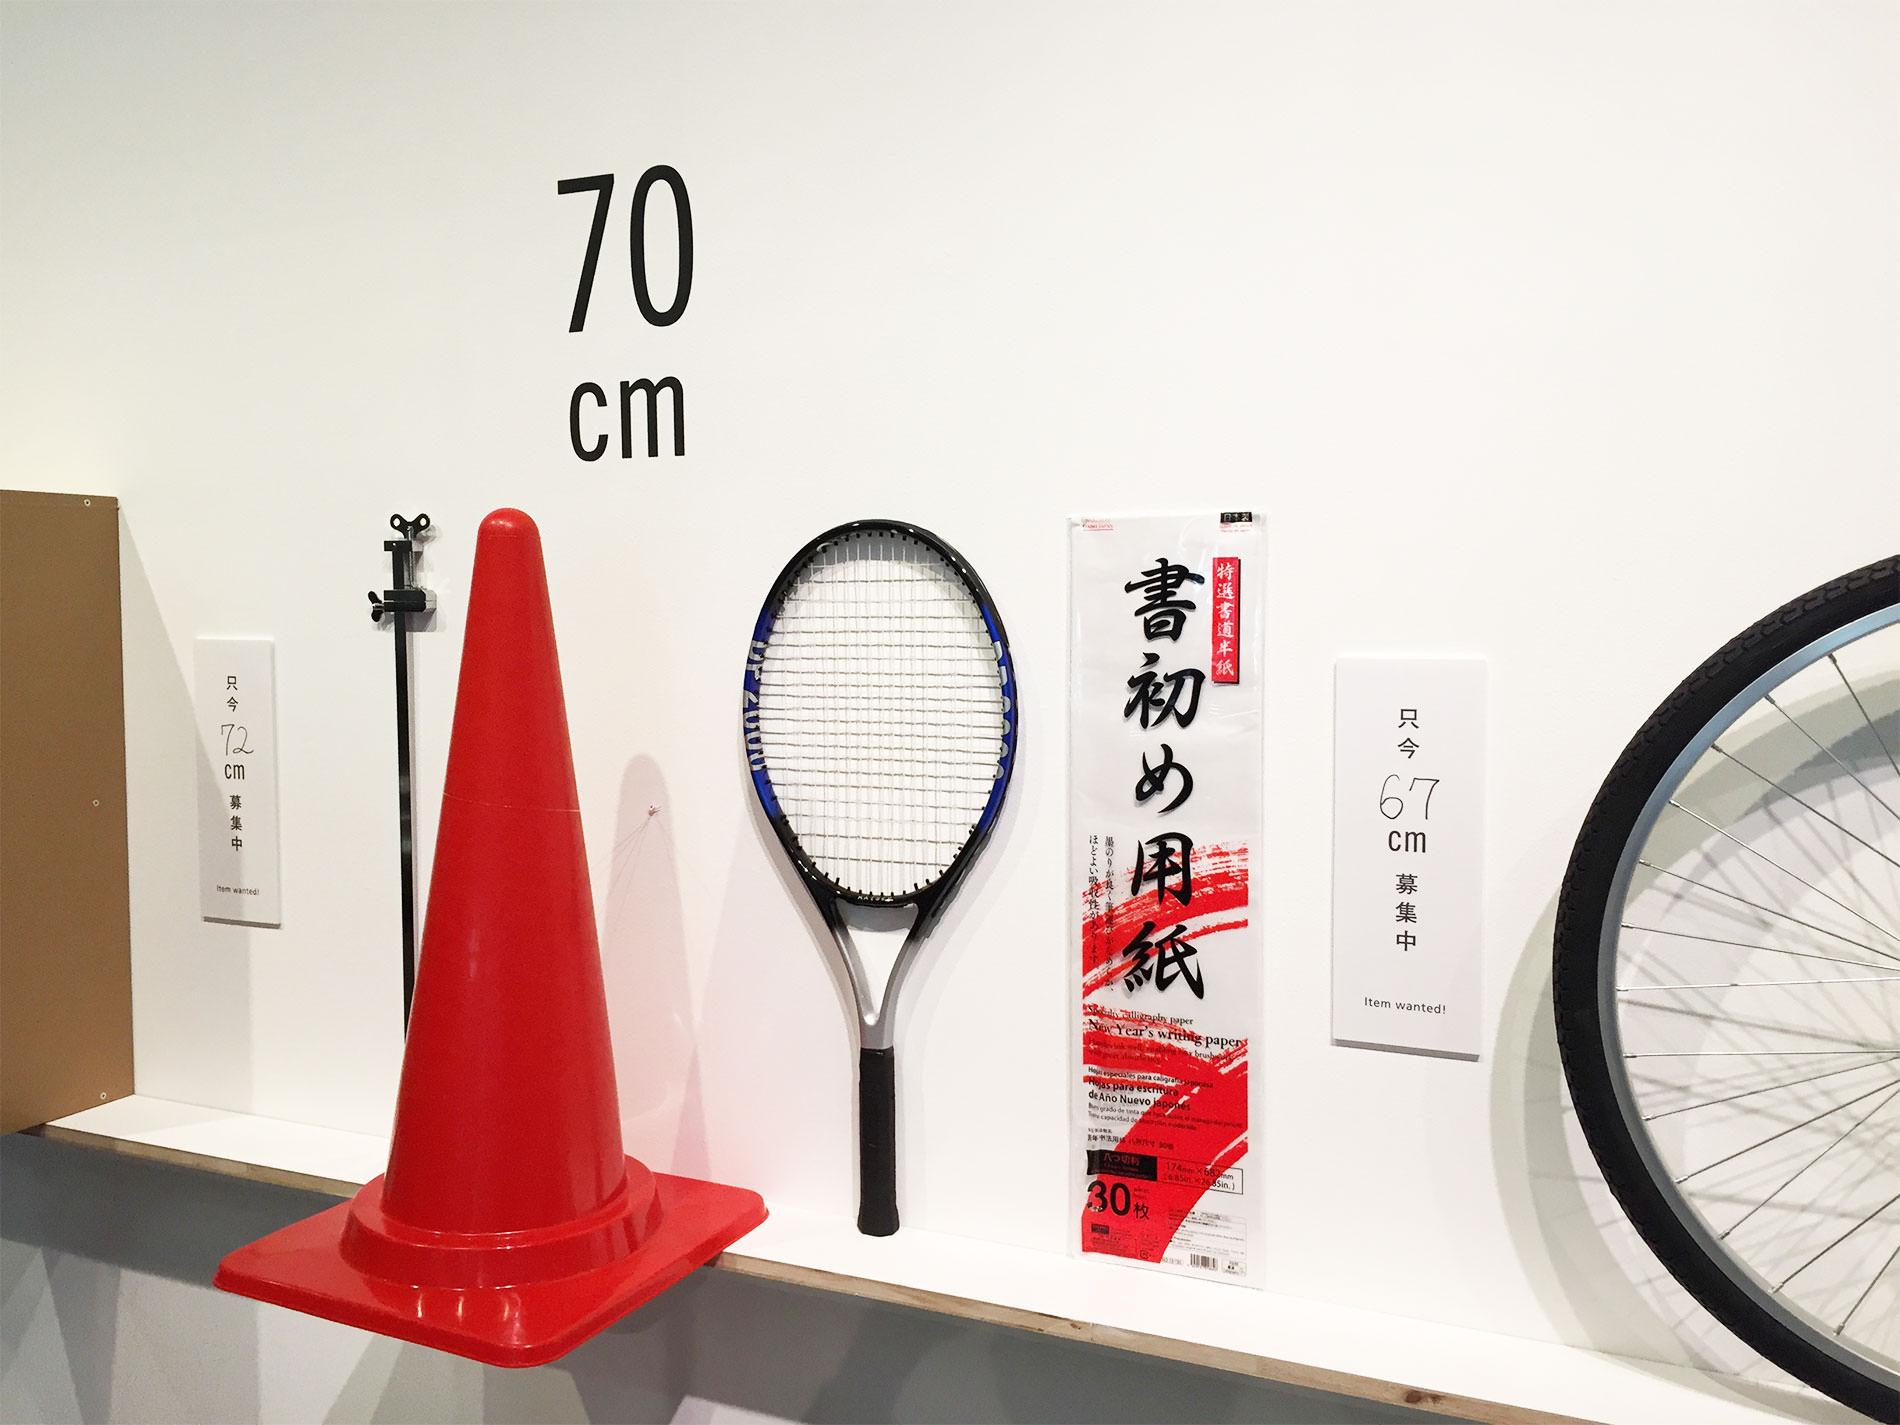 20150329_単位展 | Measuring exhibition 2015, Tokyo